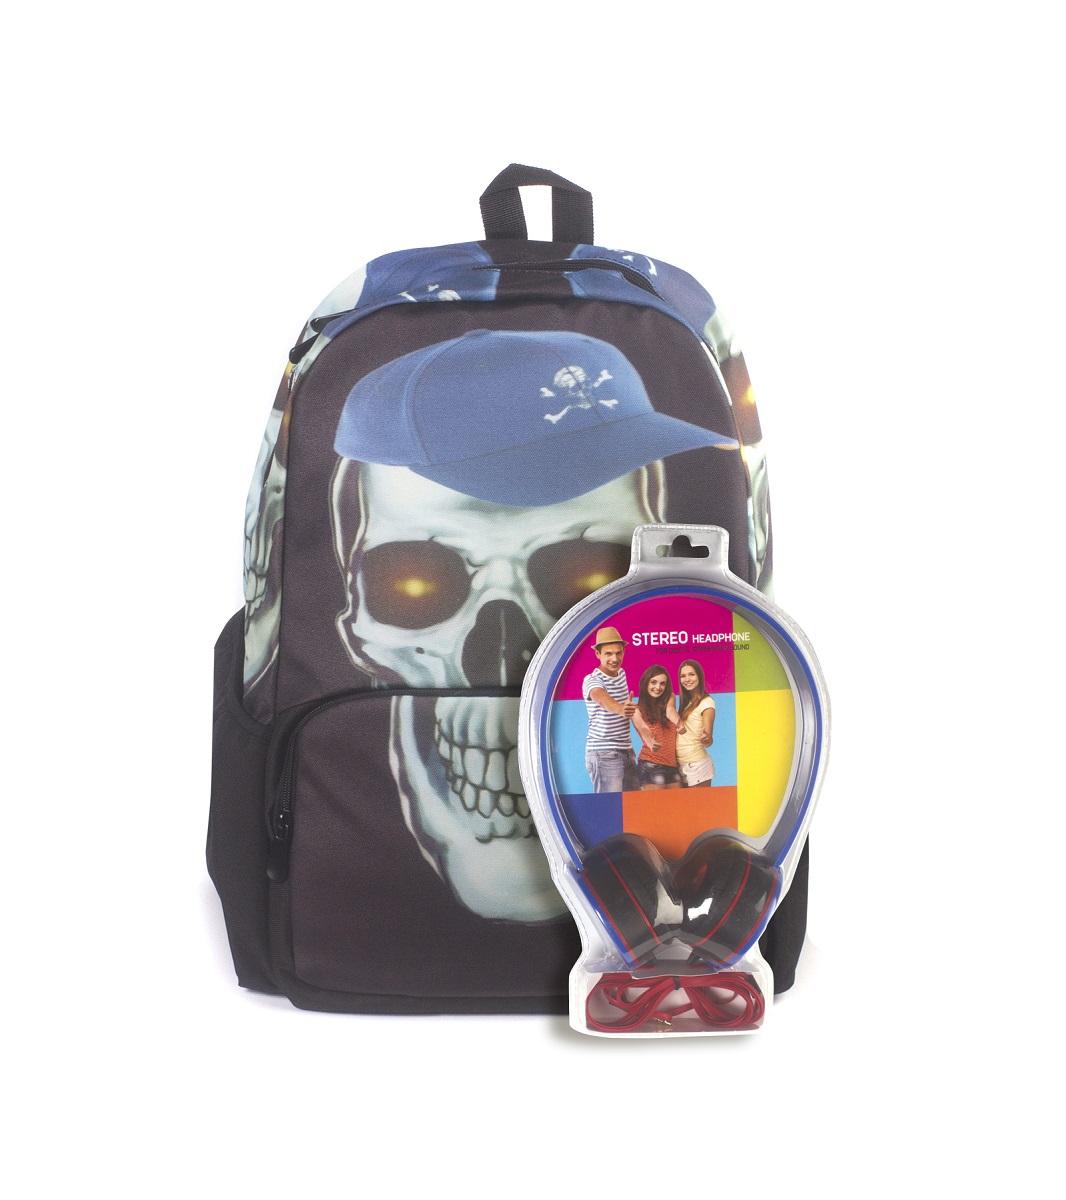 Рюкзак молодежный 3D Bags Роджер-Бейсболка, цвет: черный, голубой, 27 л + ПОДАРОК: НаушникиWA-1505024Новая колекция для любителей Веселого Роджера. С этими рюкзаки вы всегда будете на пике популярности, а наушники, входящие в комлект, позволят вам не расставаться с любимой музыкой, фильмами и играми. Технические характеристики: длина шнура 1800 мм (+-50 мм), частота 20-20 КГц, импеданс 32 Ом (+-10%), чувствительность 105 дБ/В (+-3 дБ на 1 КГц), разъем mini-jack 3,5 мм.Наушники поставляются в цветовом ассортименте. Поставка осуществляется в зависимости от наличия на складе.